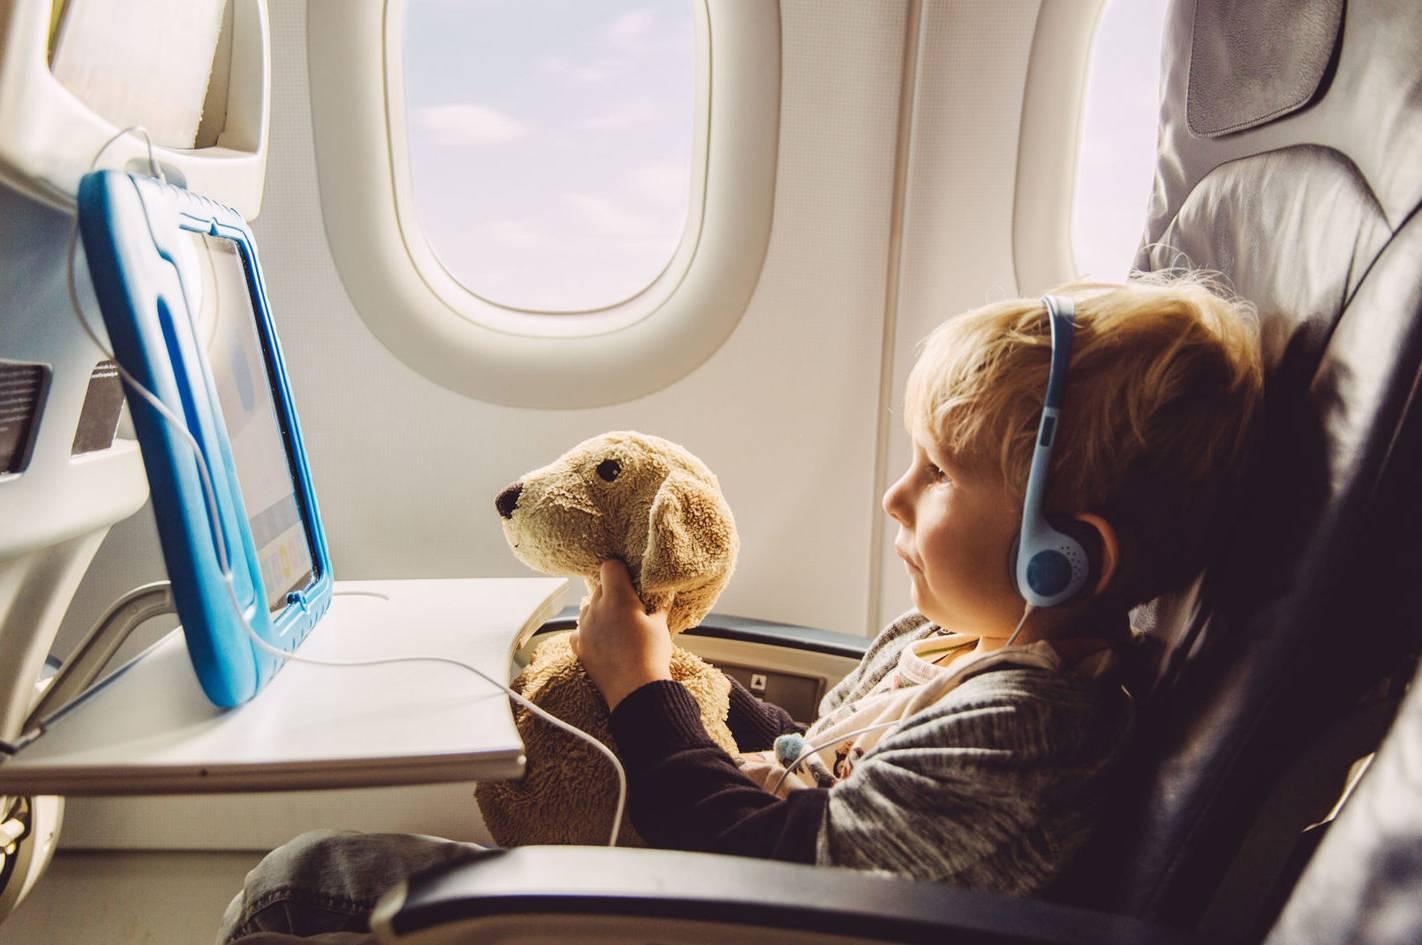 Чем занять ребенка в самолете - 55 крутых идей.что взять с собой для малыша?